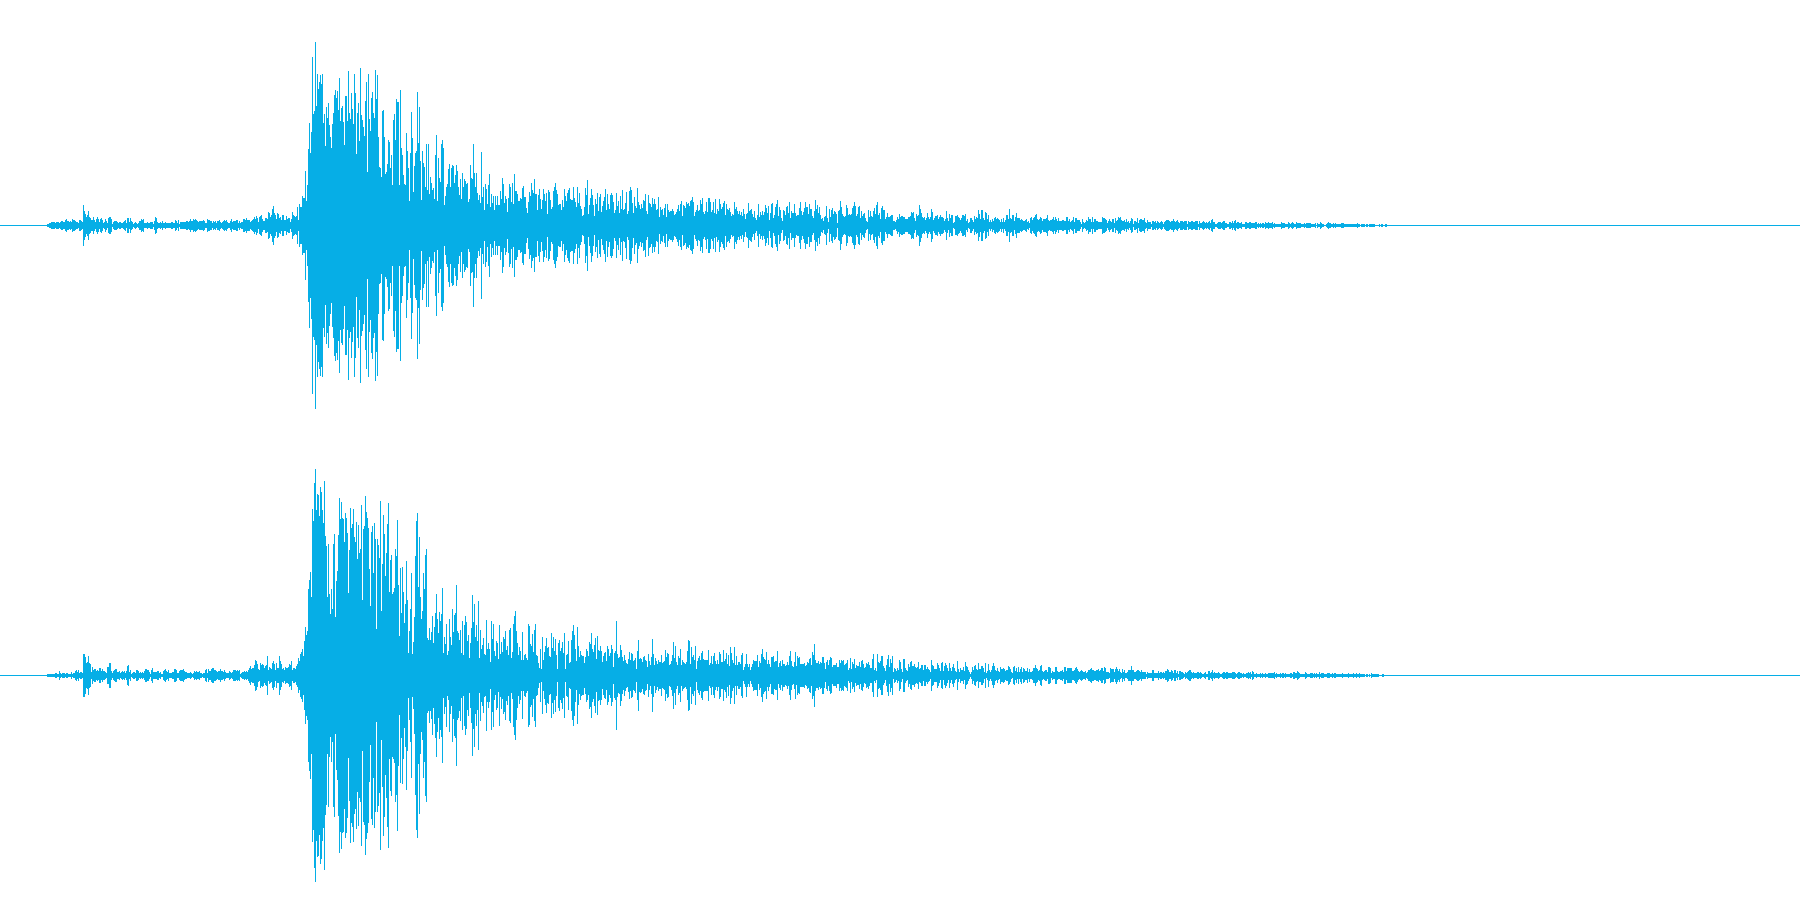 カチャッ(シャープな効果音)の再生済みの波形